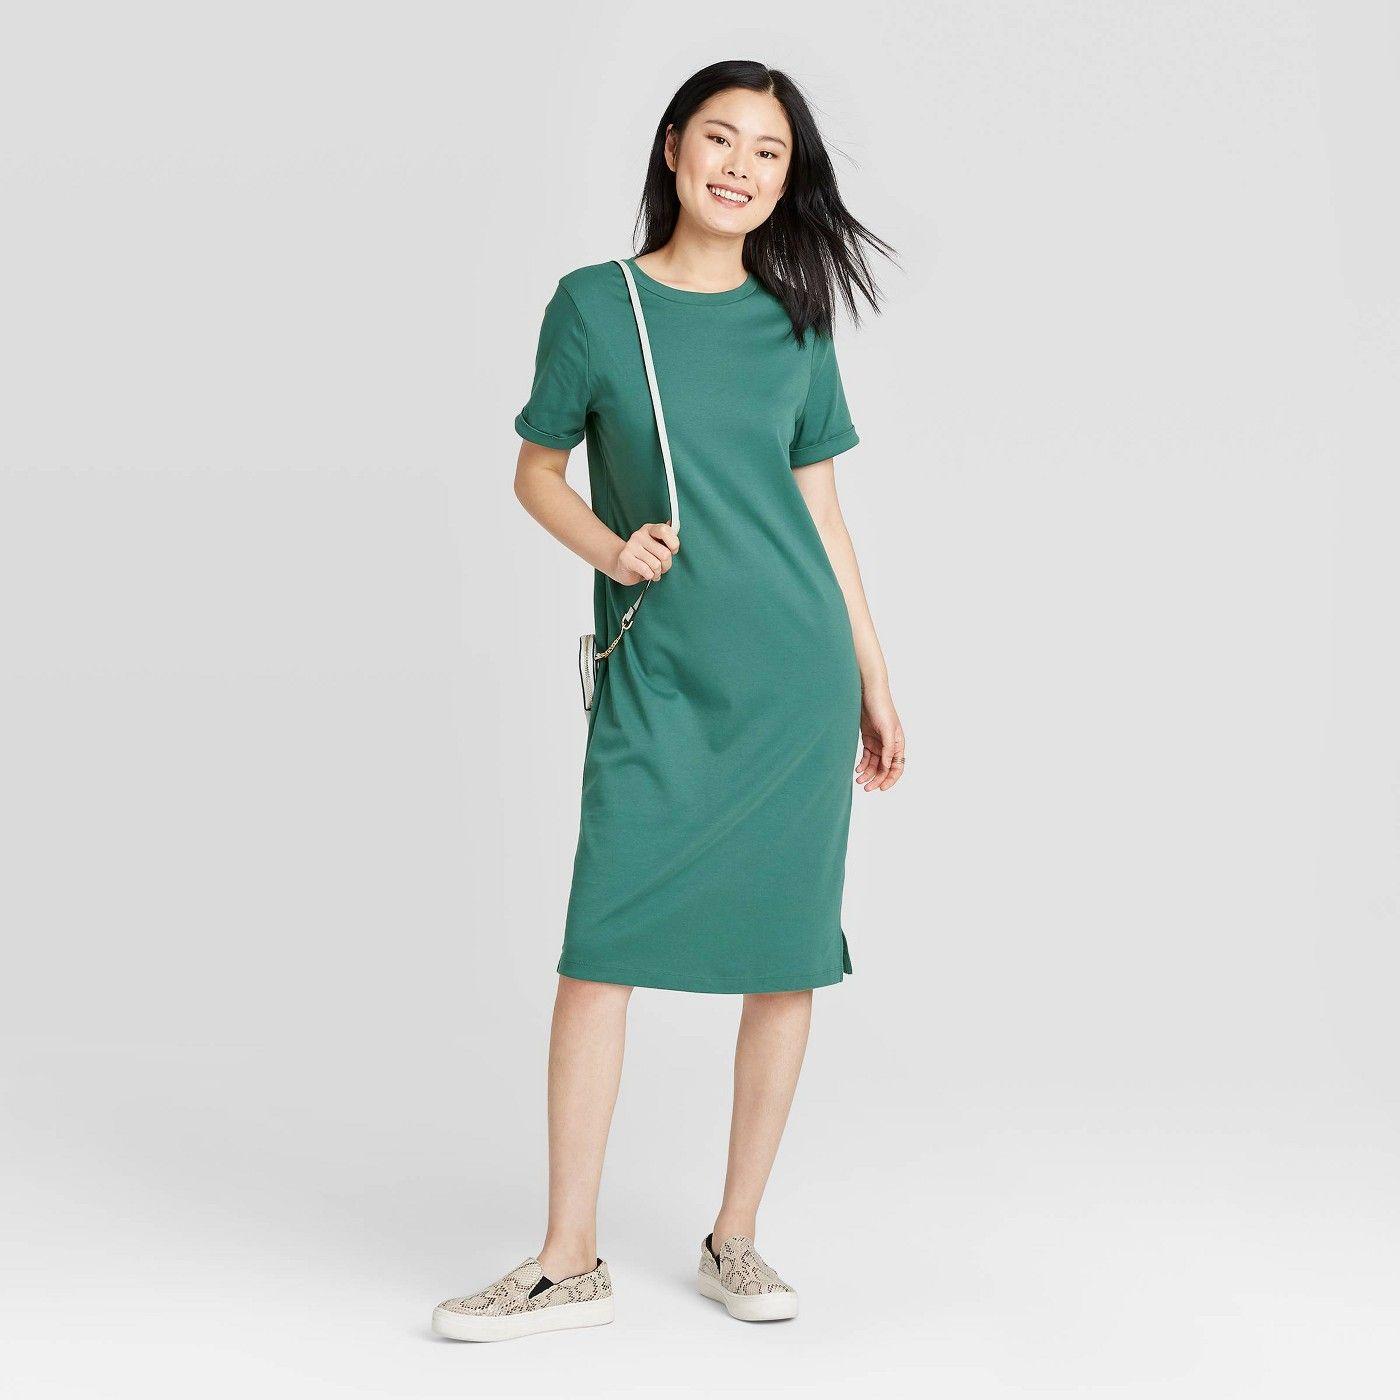 Women S Short Sleeve T Shirt Dress New Day Sponsored Sleeve Sponsored Short Women Green Tshirt Dress Cotton Tshirt Dress Midi Ruffle Dress [ 1400 x 1400 Pixel ]